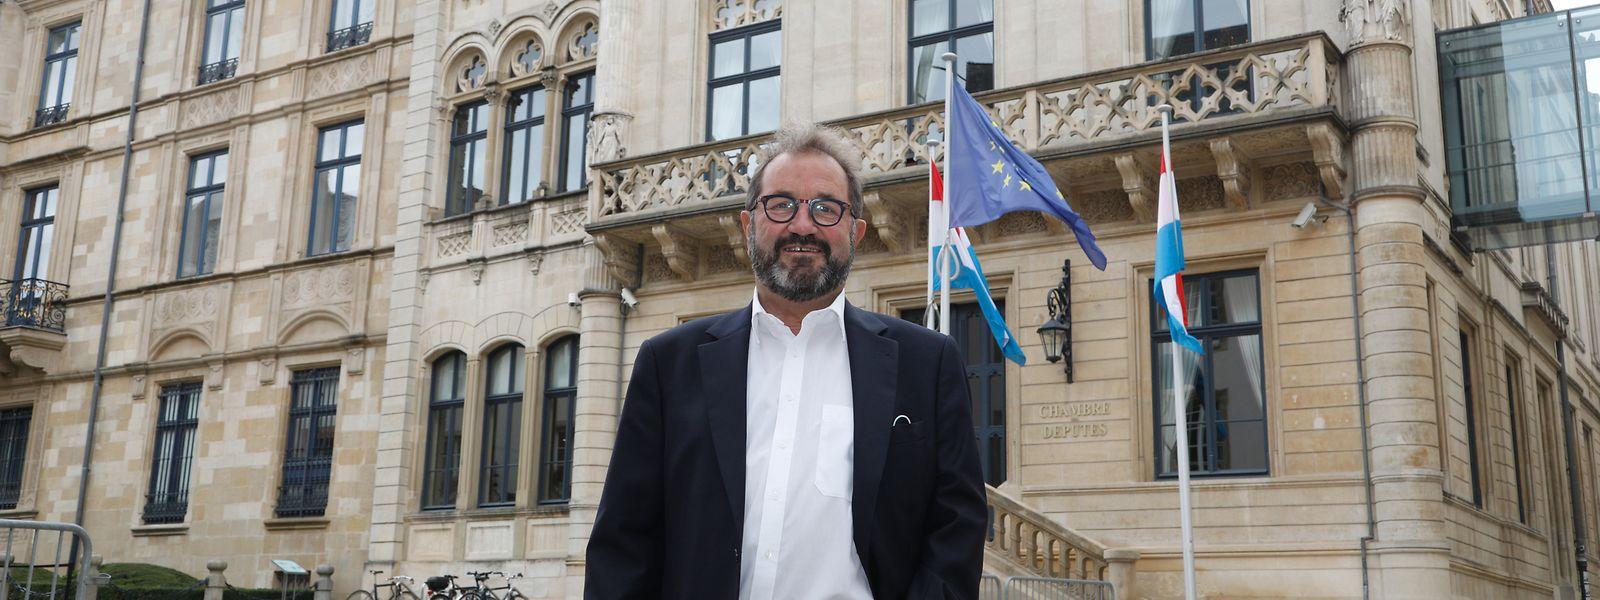 31 Jahre gehörte Gast Gibéryen (ADR) der Abgeordnetenkammer an - und machte sich als rhetorisch versierter Oppositionspolitiker einen Namen.